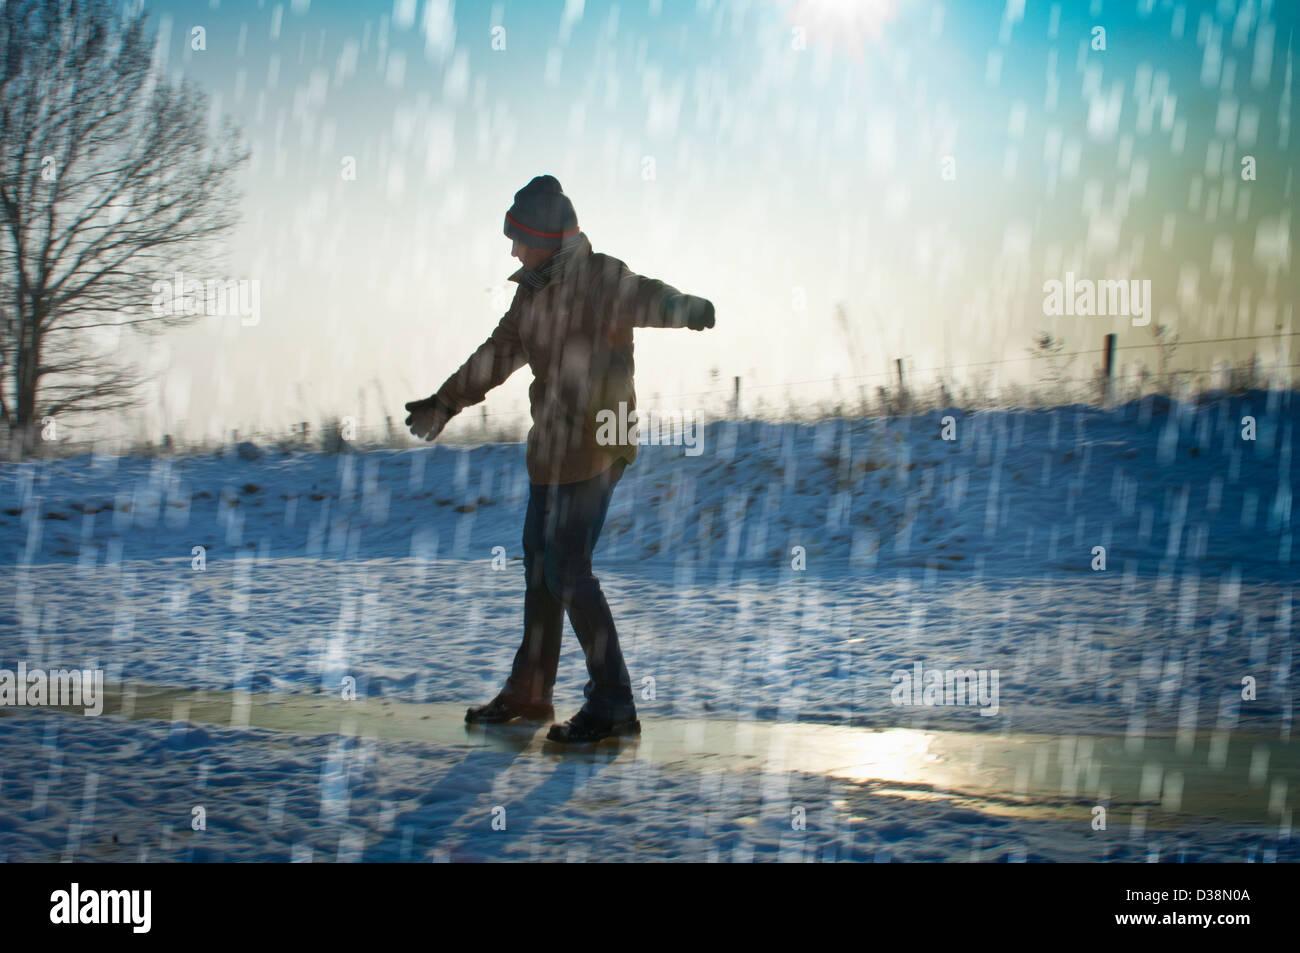 Hombre jugando en la nieve Imagen De Stock